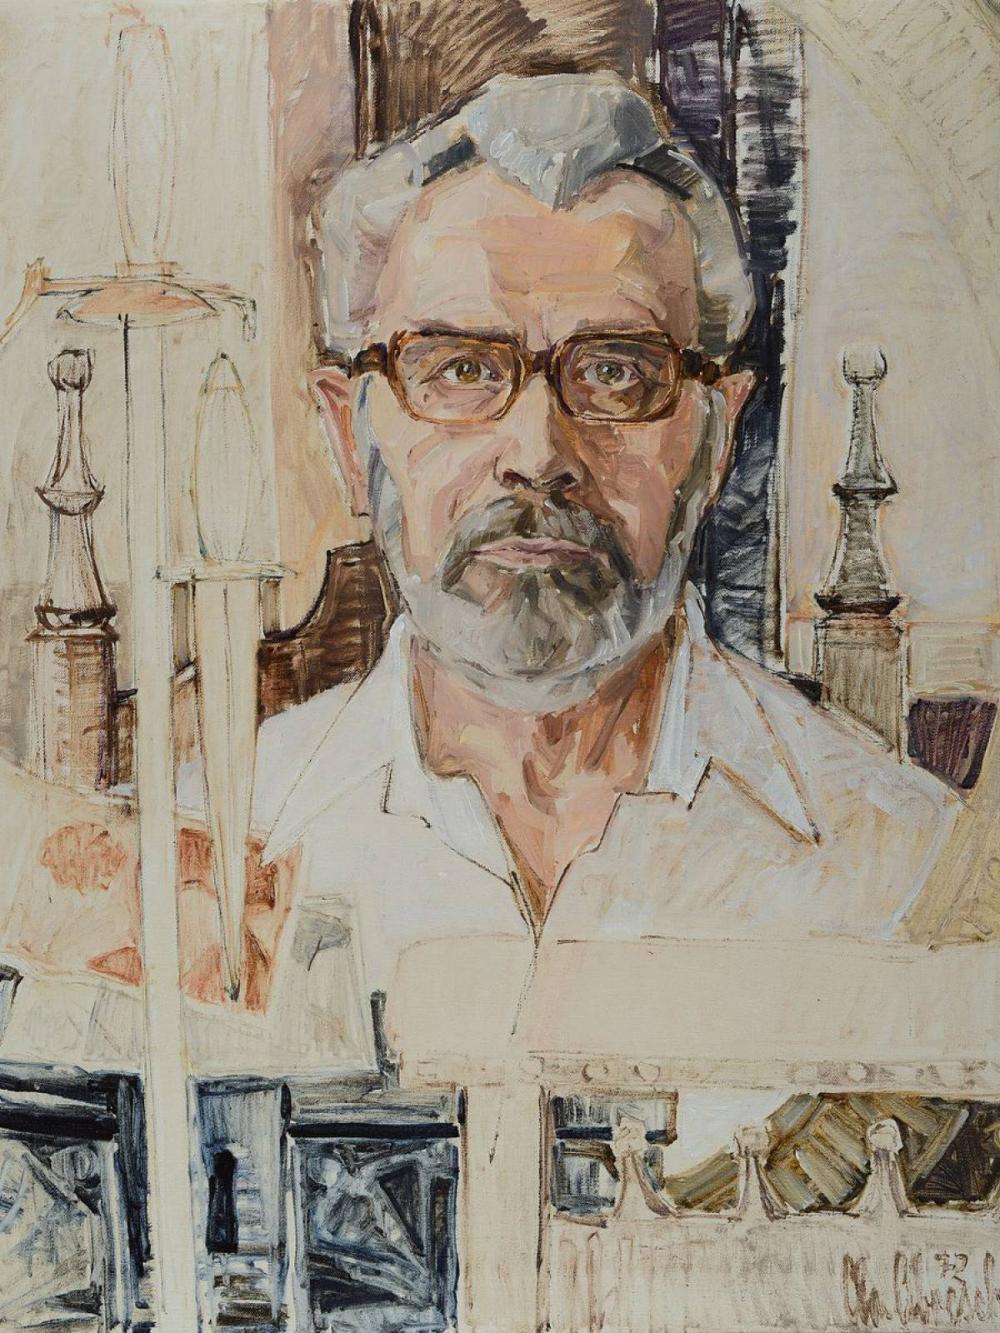 Christel Abresch, 1931 Sulzbach-2011 Neustadt,portrait of